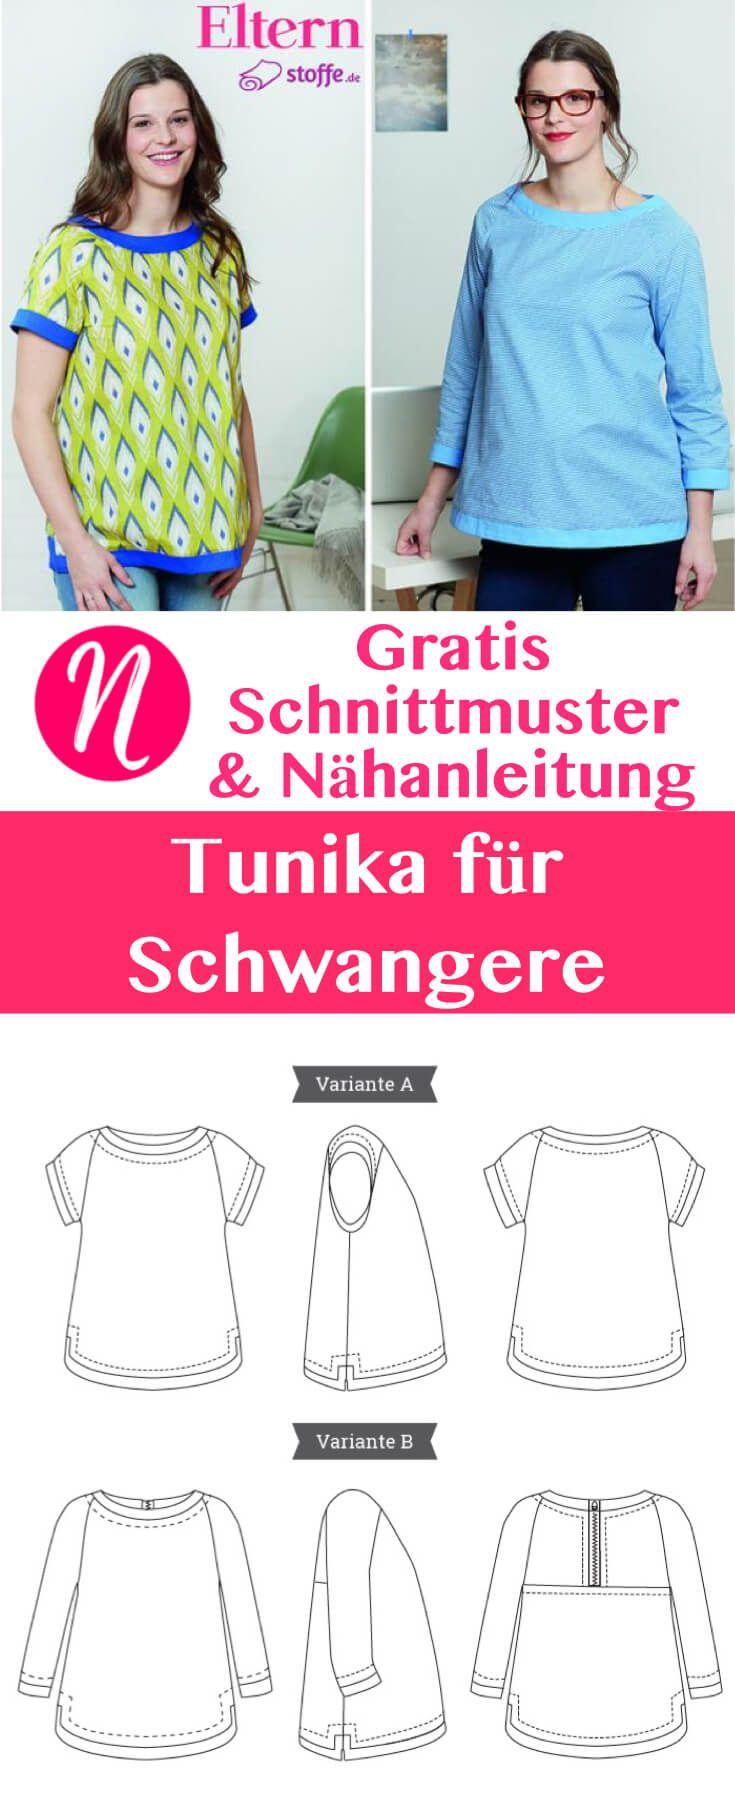 Kostenloses Schnittmuster für eine Schwangerschafts-Tunika. Mit Anleitung, PDF zum Drucken. Gr. XS - XL - Nähtalente - Magazin für kostenlose Schnittmuster.